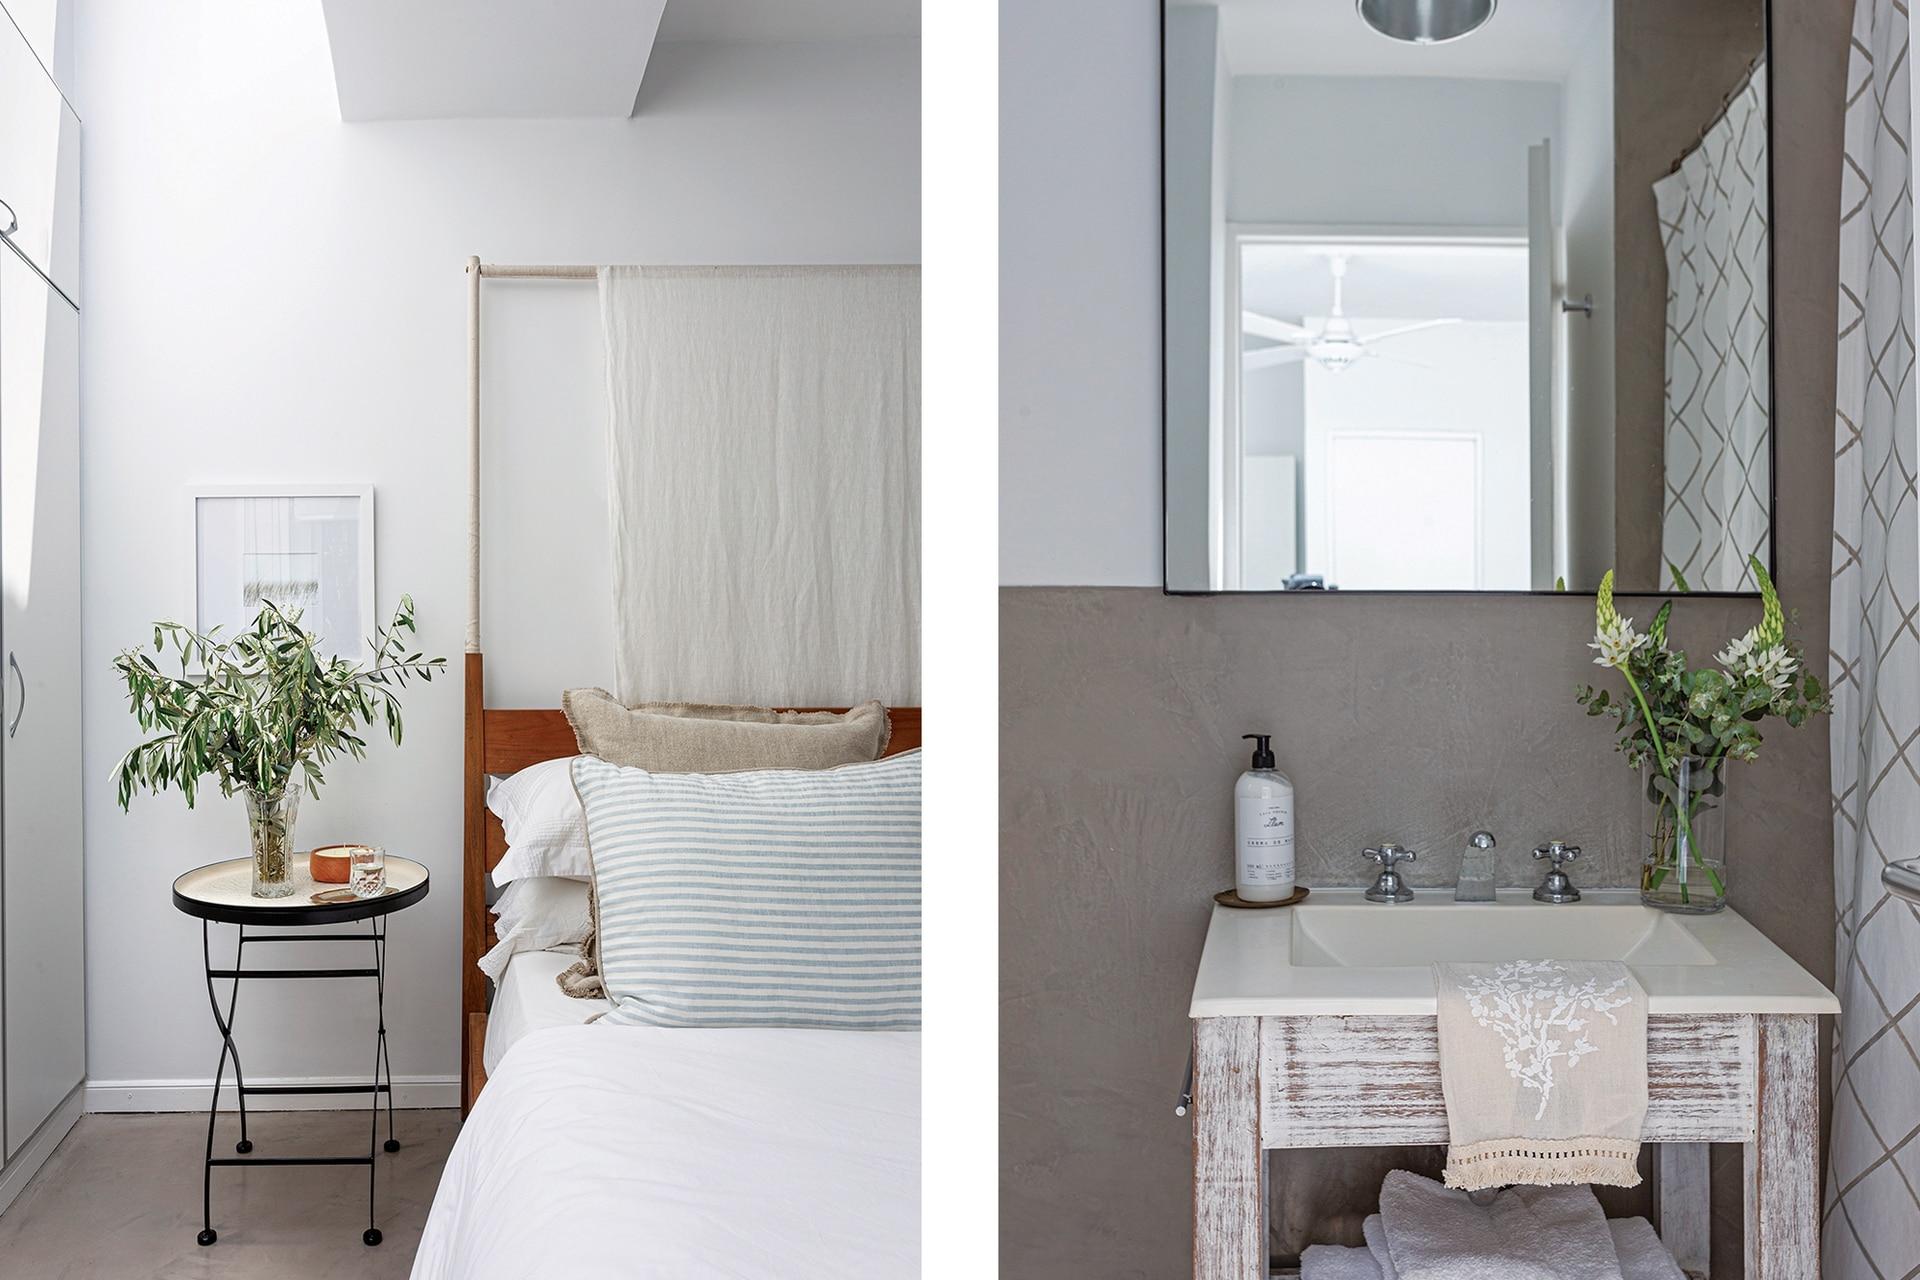 Cama de petiribí con base tapizada en lino y baldaquino traída de la casa anterior. Toalla de mano (Natural Cosas Simples).